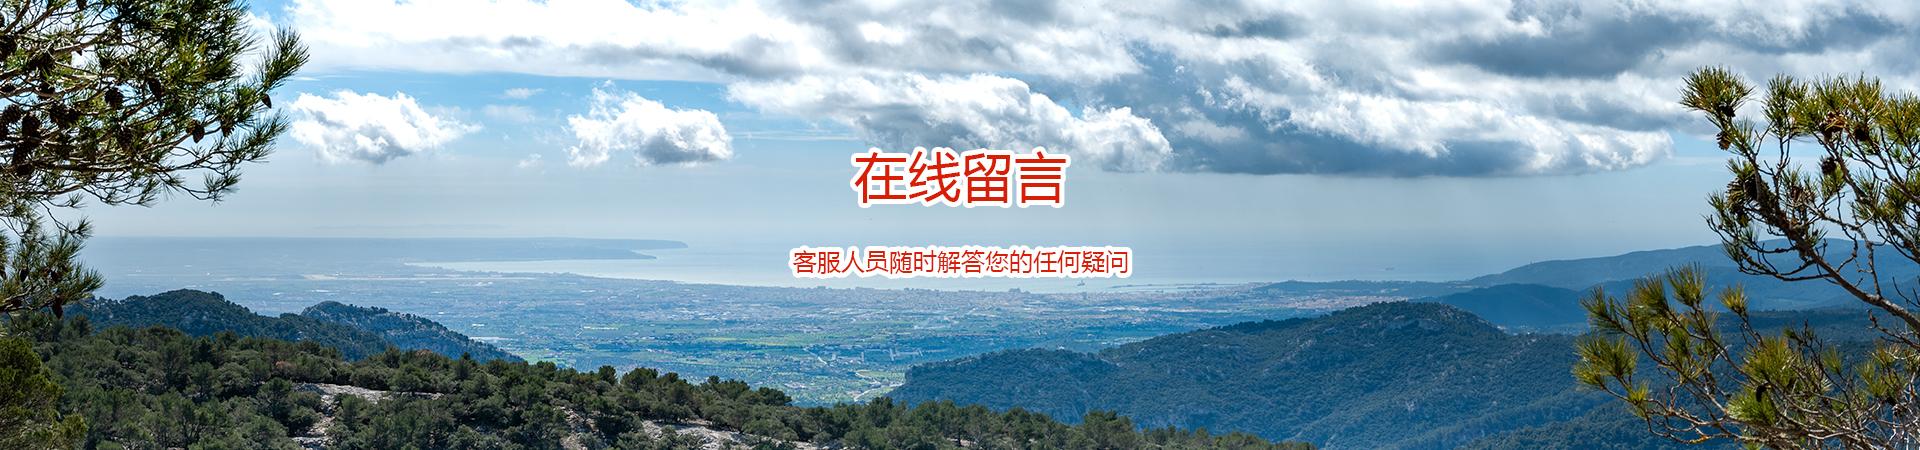 http://www.qyjx668.com/data/upload/202010/20201019162018_765.jpg